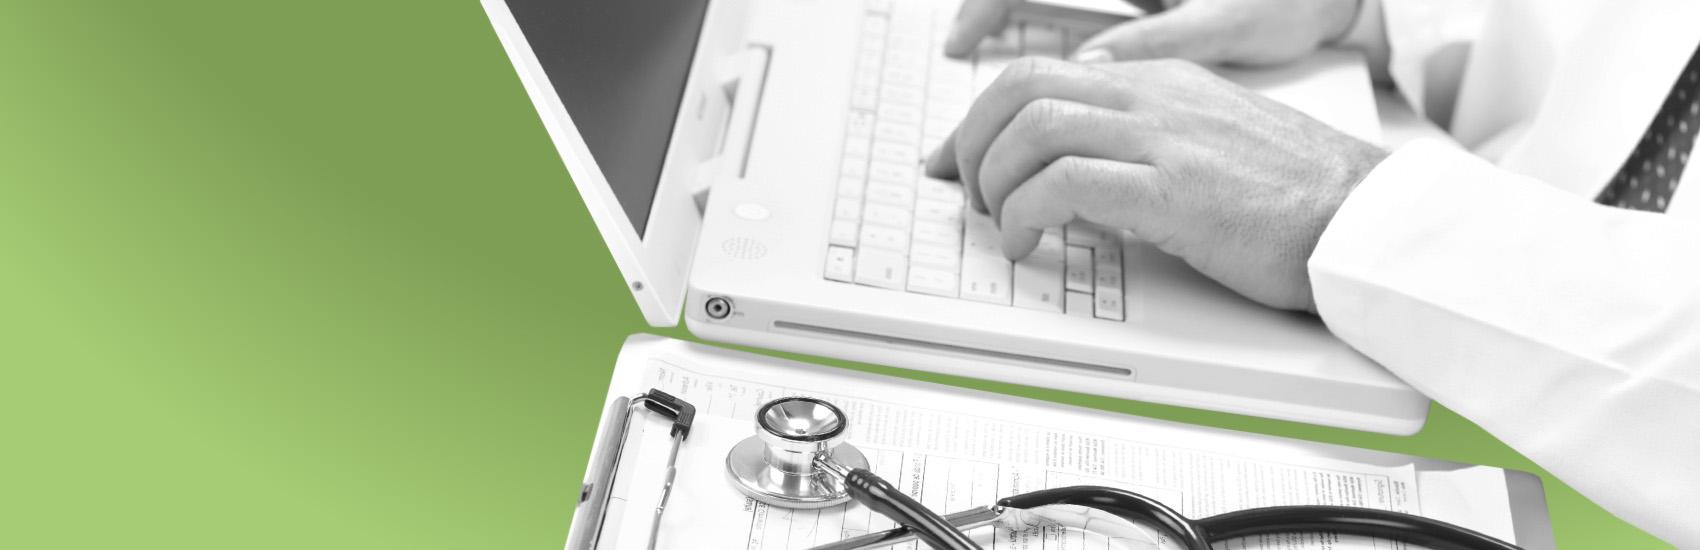 Масштабная задача для медицинской компании: перевести на английский язык документы, подготовить коммерческое предложение и прайс-лист